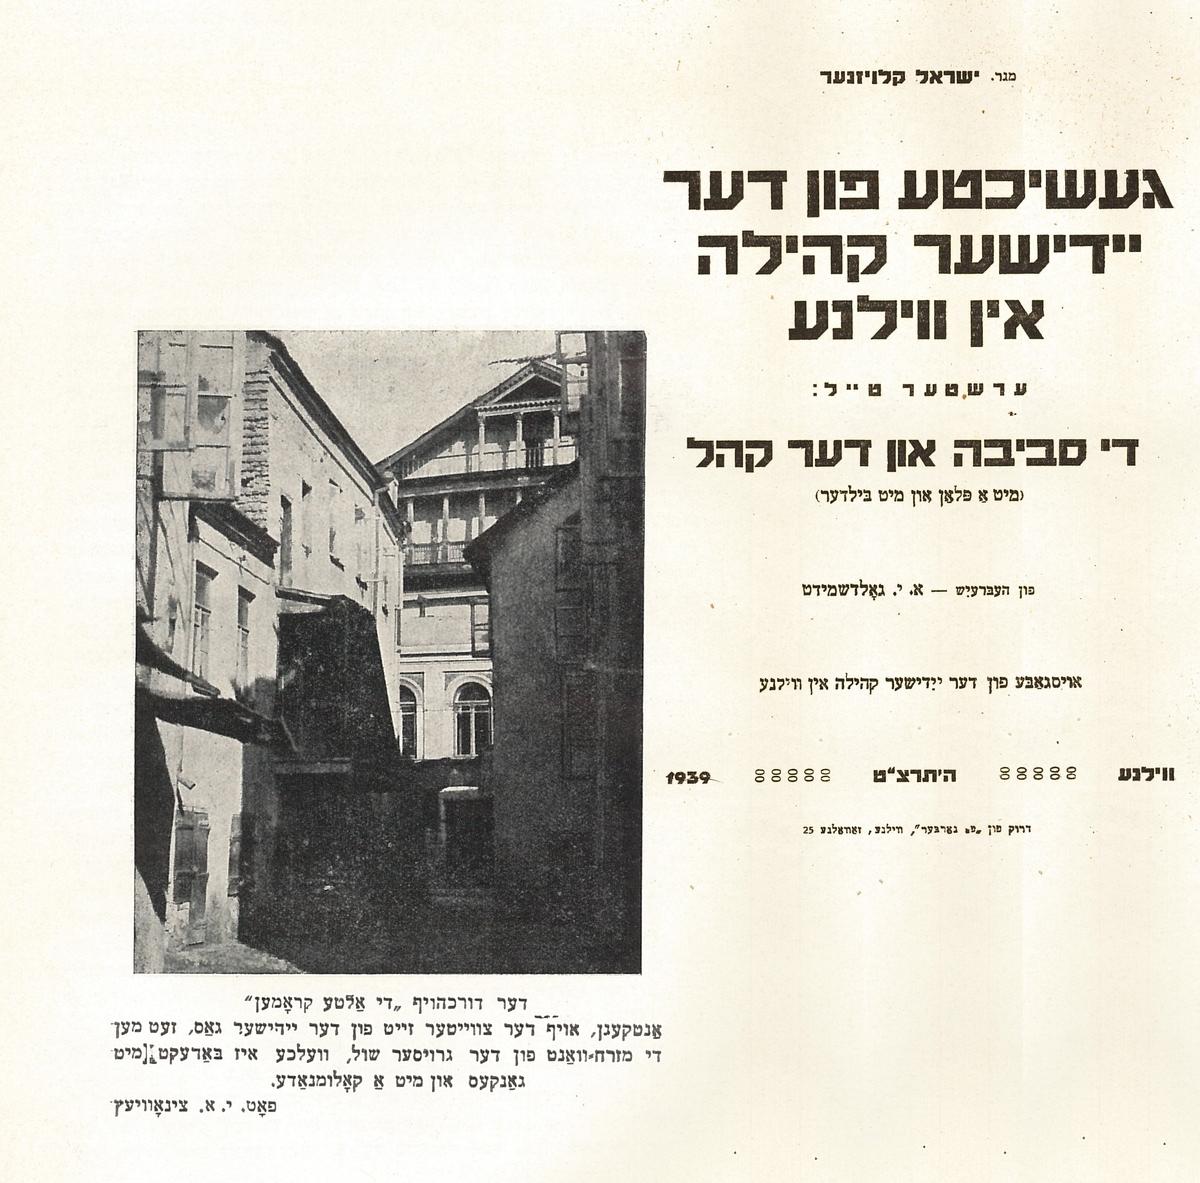 """Strašuno bibliotekos vaizdas iš žydų kvartalo kiemo. <br /> I. Cinovičiaus nuotrauka Izraelio Kloiznerio monografijoje """"Geshichte fun di vilner yidishe kehile"""" (jid. Vilniaus žydų bendruomenės istorija). <br /> T. I. Vilnius, Žydų bendruomenės leidimas, M. Garberio spaustuvė, 1939."""